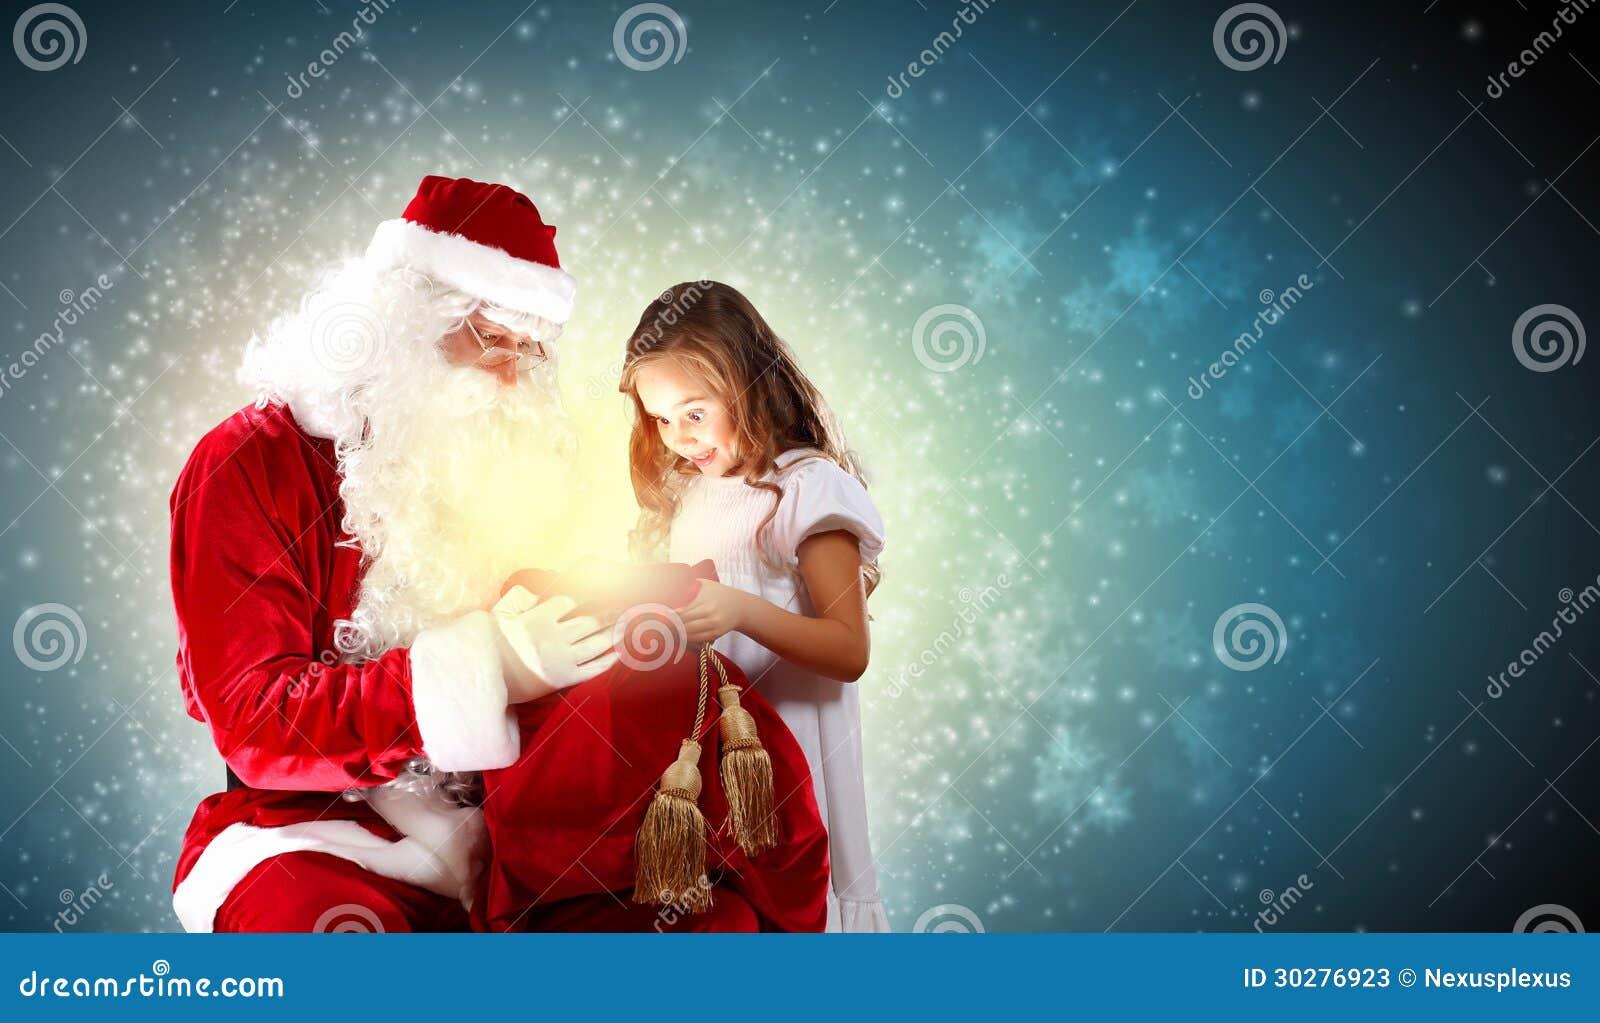 圣诞老人画象有女孩的